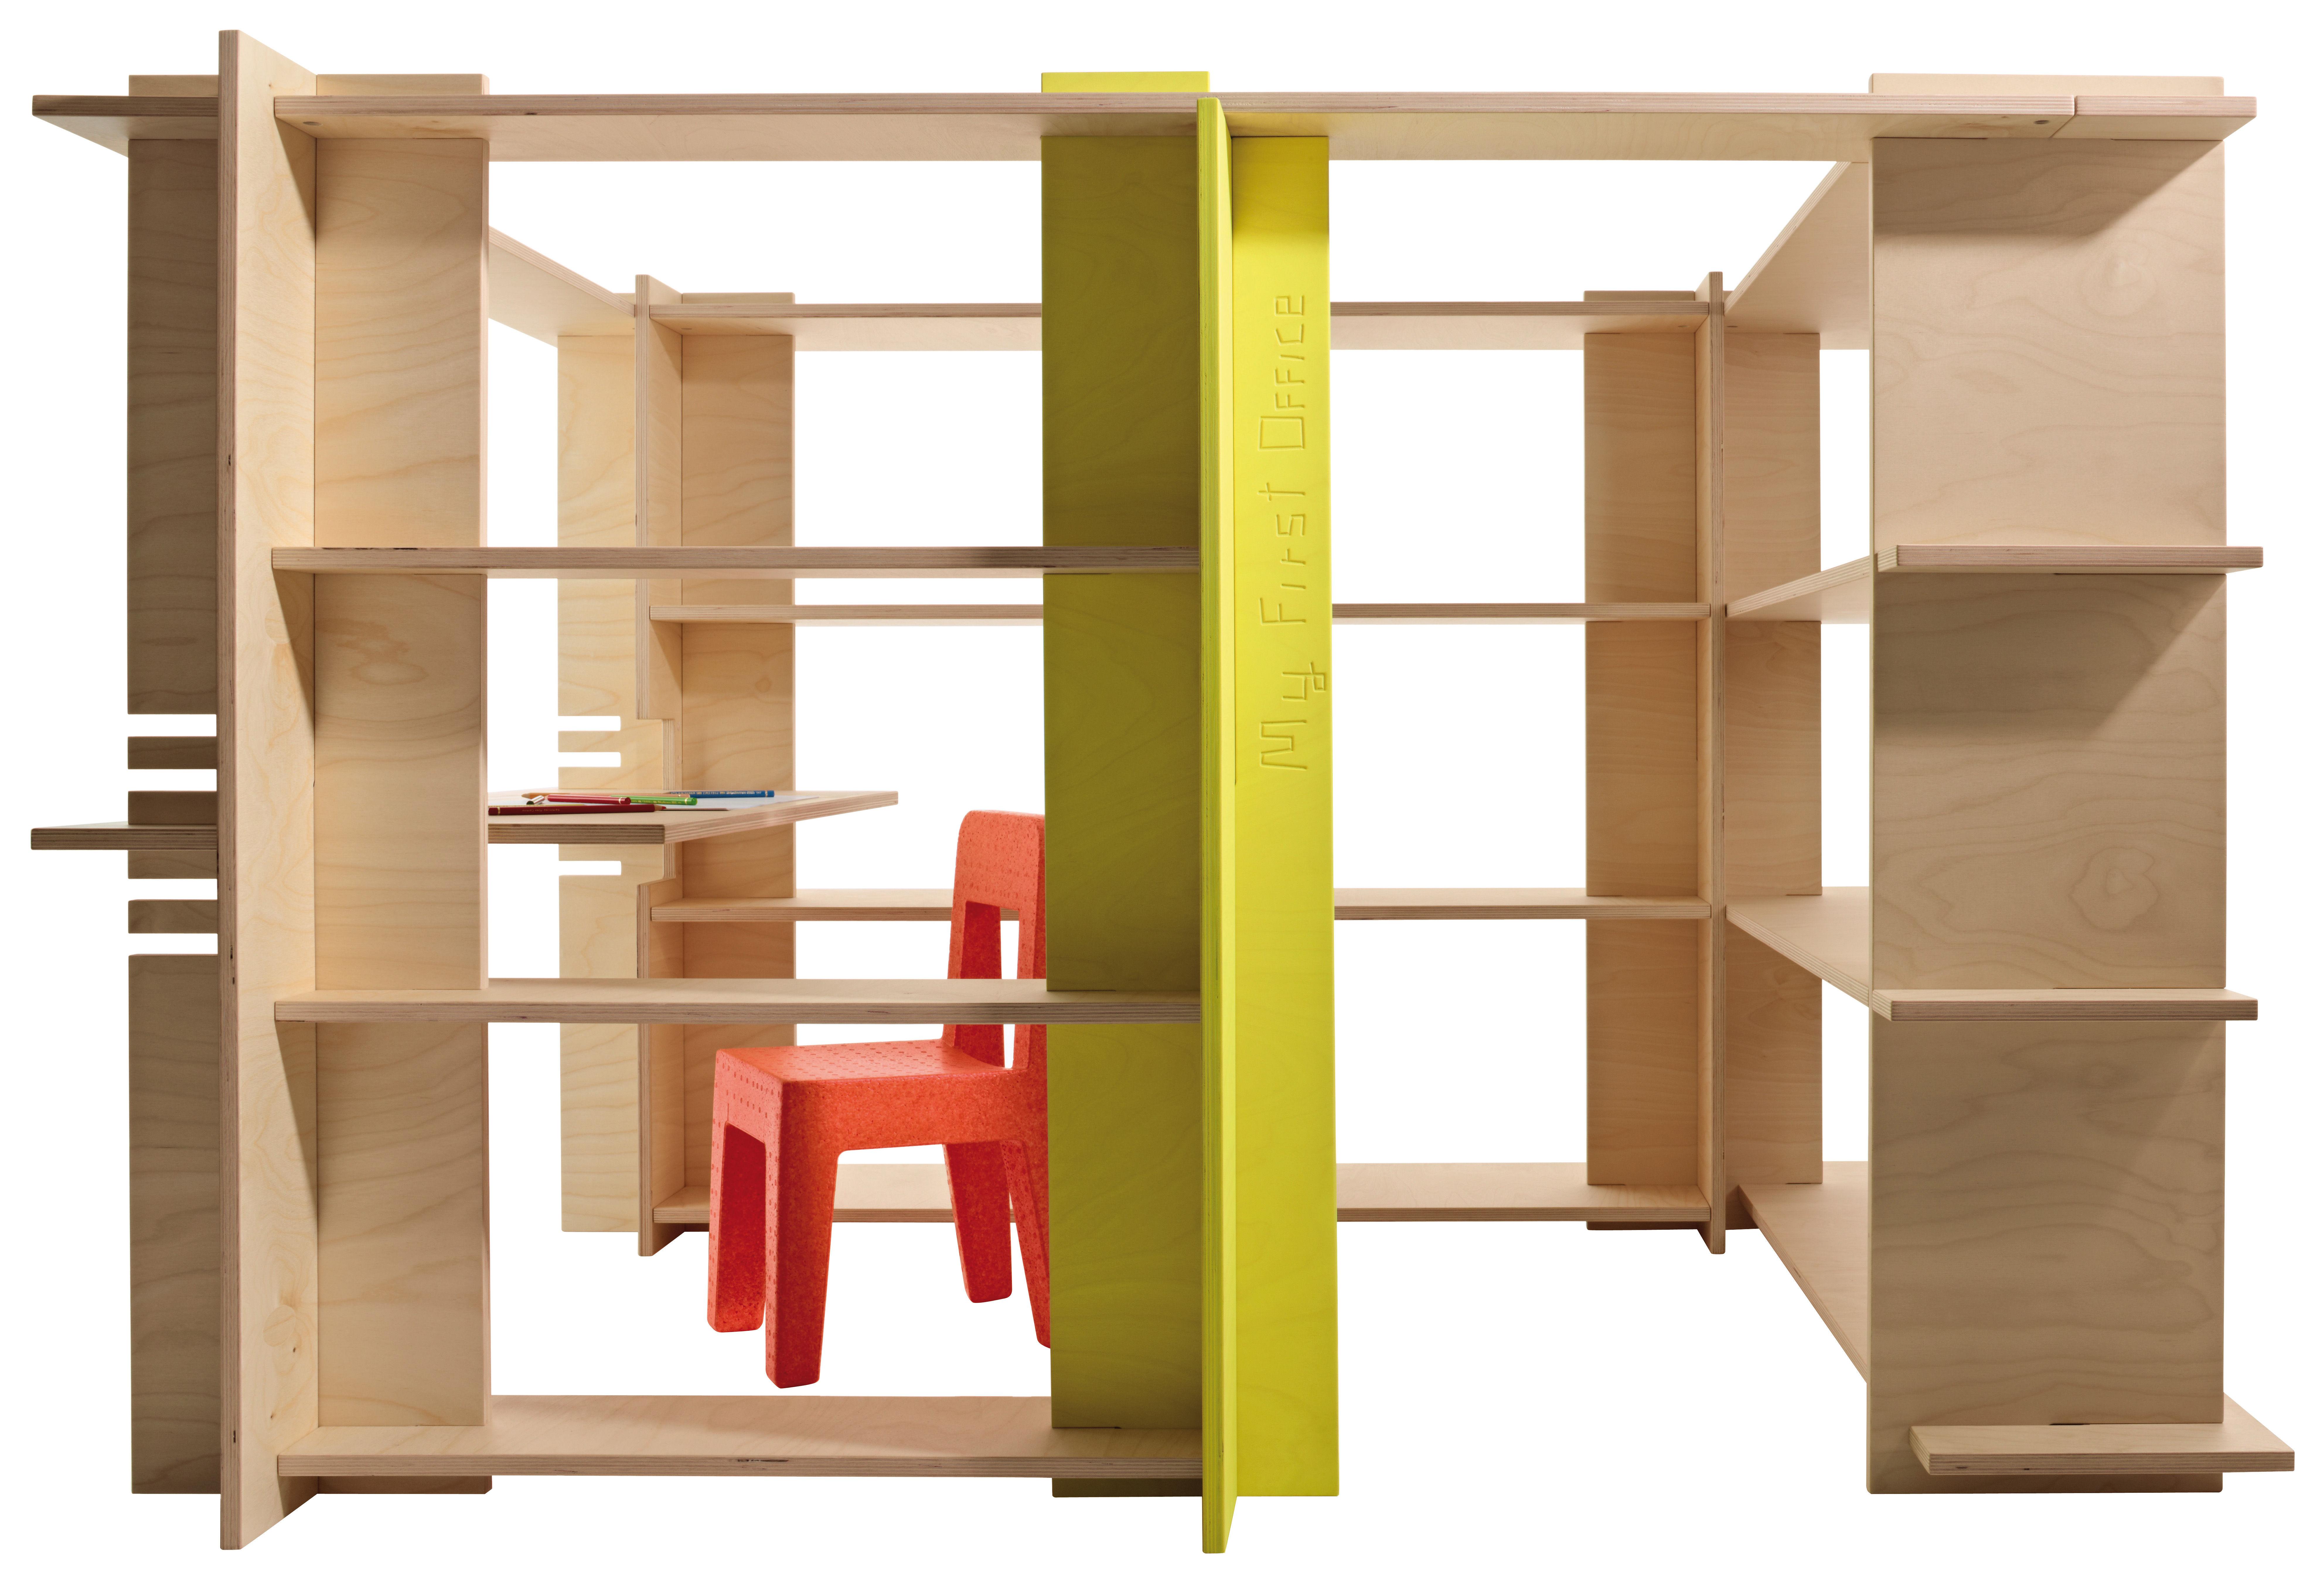 Arredamento - Scaffali e librerie - Libreria My First Office - / spazio gioco & ufficio - 180 x 140 x H 120 cm di Magis Collection Me Too - Legno chiaro / Giallo - HPL, Multistrato di betulla